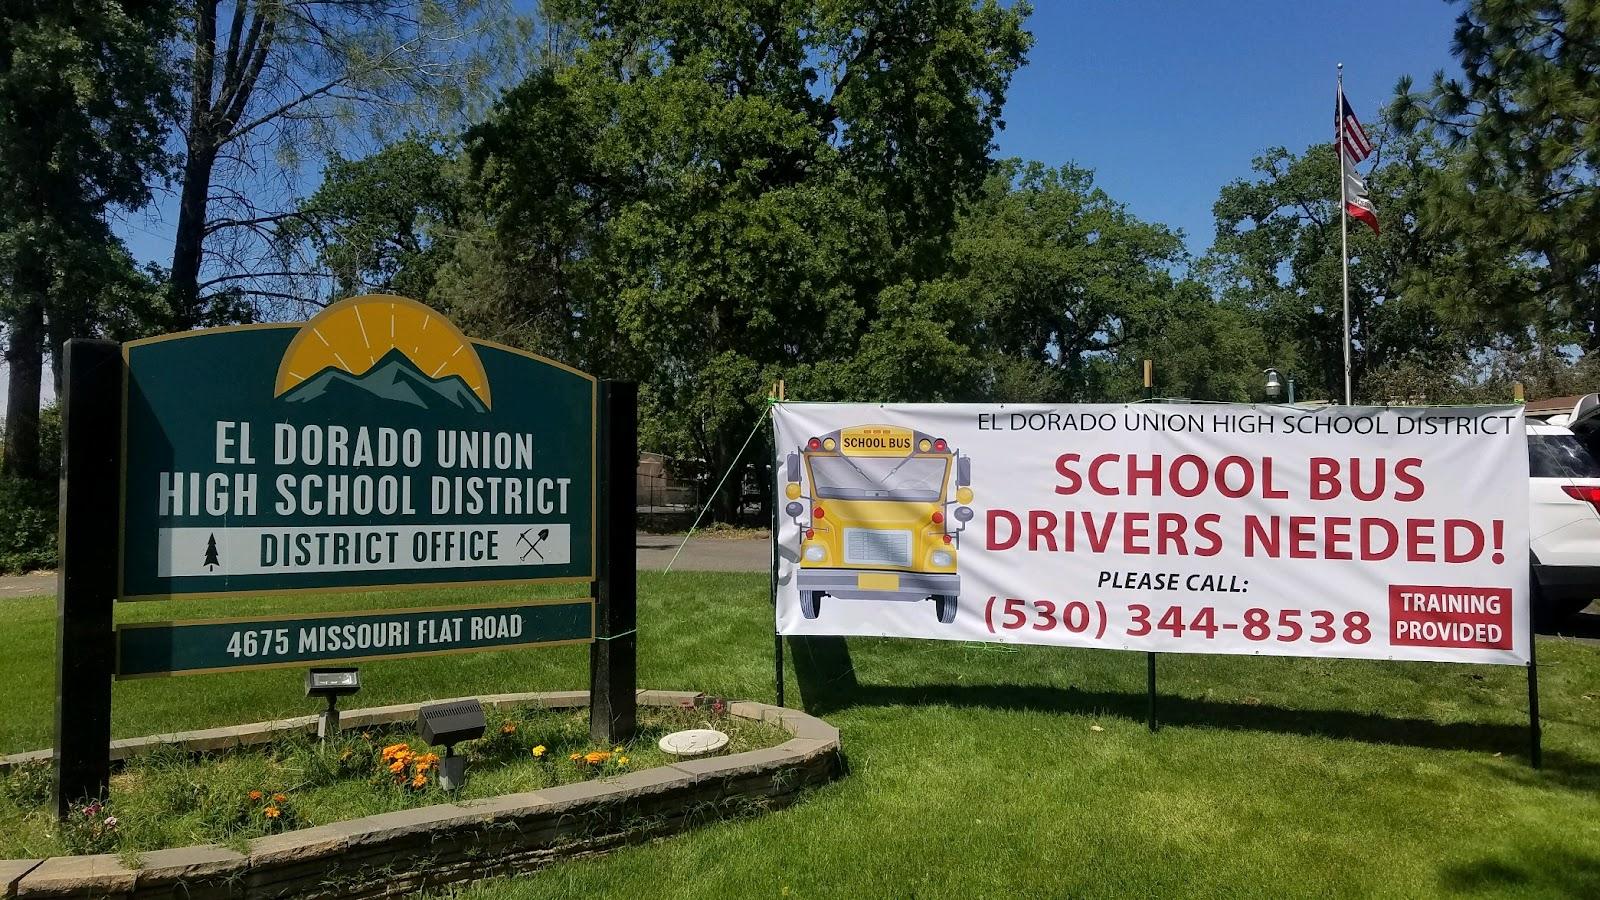 El Dorado High School District Needs Bus Drivers